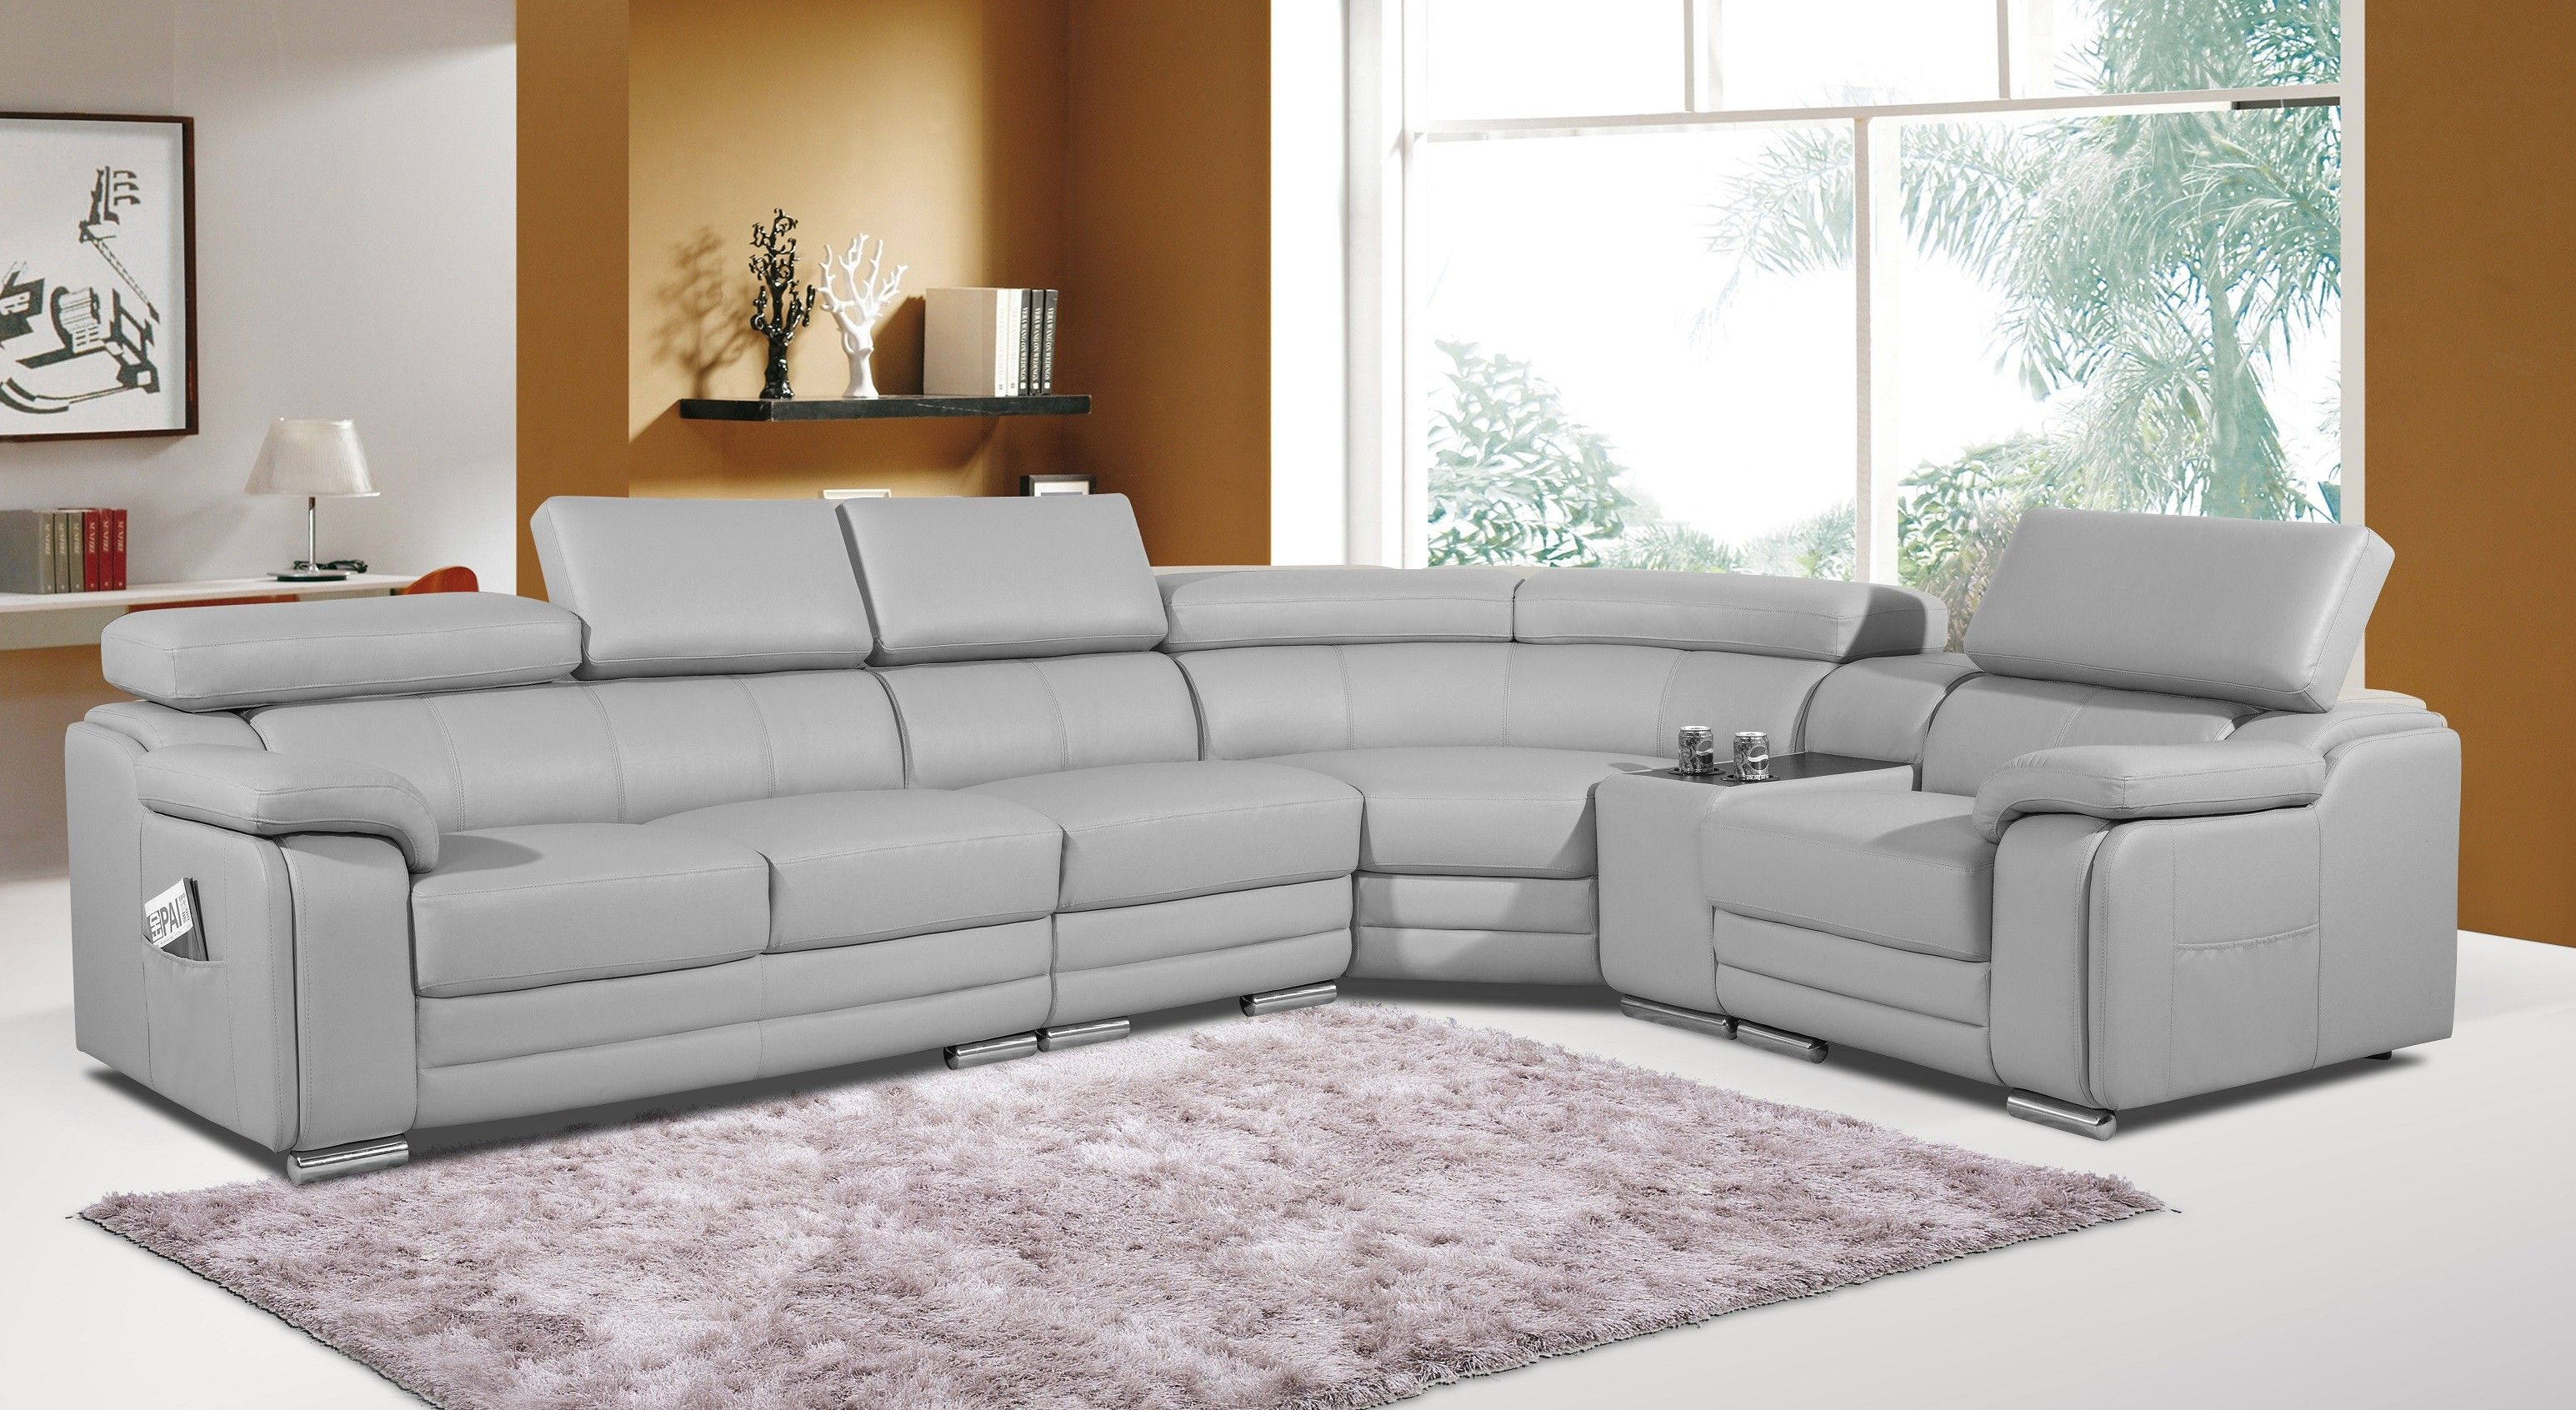 12 best corner sofas images on Pinterest